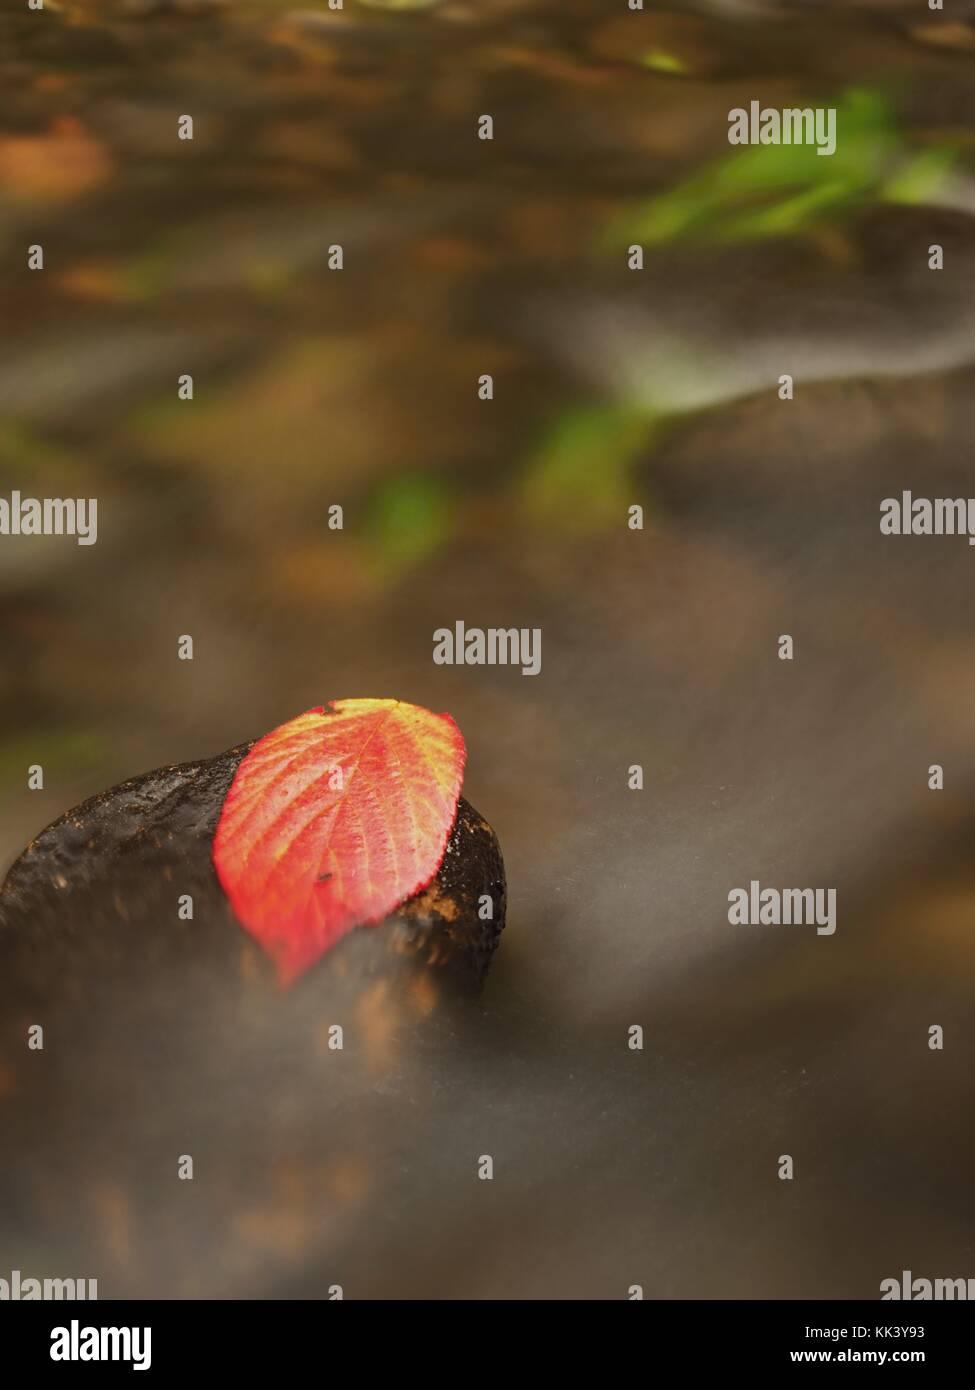 Feuille de framboise épineux pris sur la pierre humide. Les feuilles d'un piège dans le milieu d'un Photo Stock